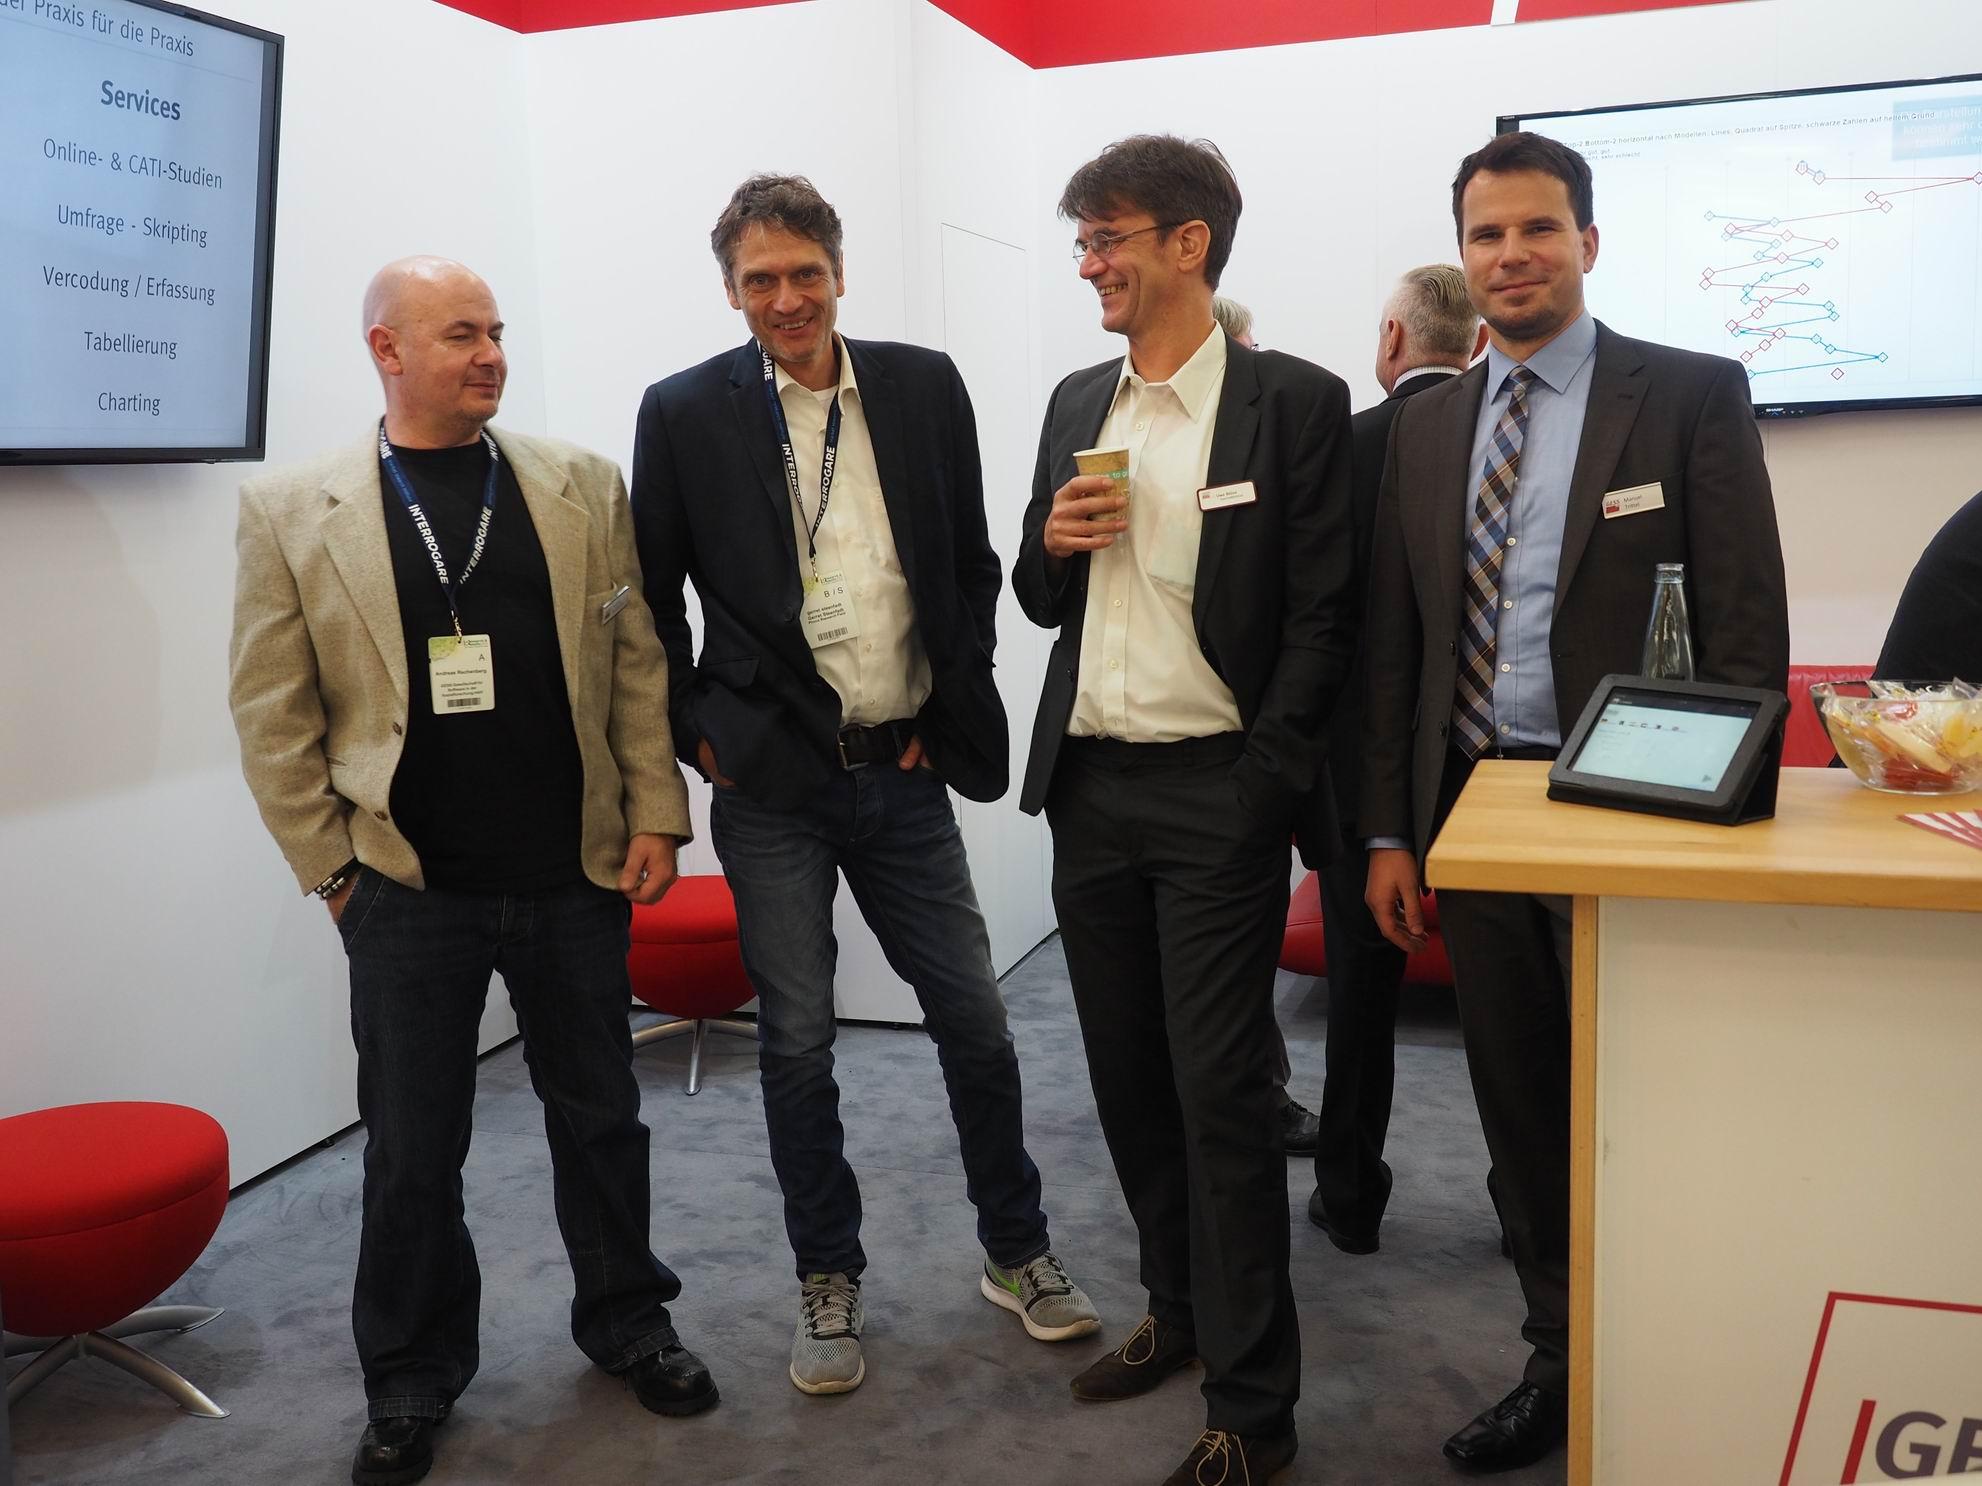 Andreas Rechenberg, Uwe Stüve und Manuel Trittel mit Gerret Steenfadt (Geschäftsführer der Phone Research Field GmbH) bei der Research & Results 2016